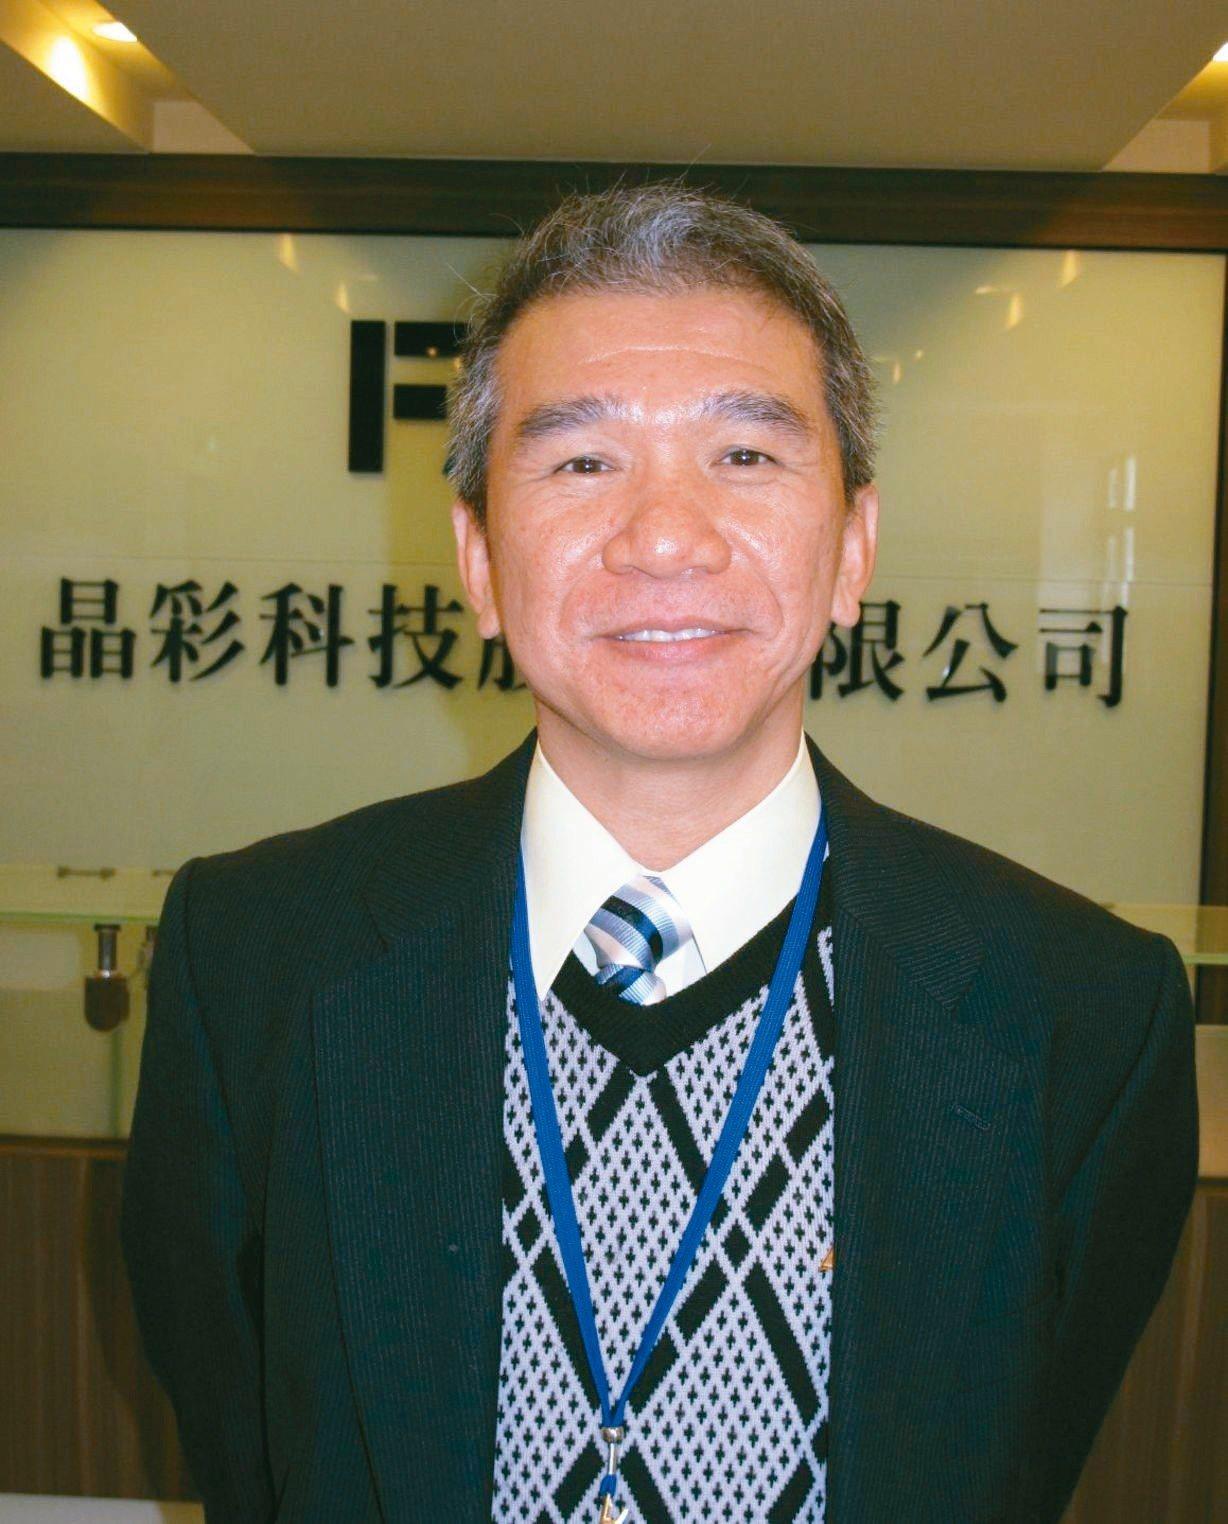 晶彩科董座陳永華。 報系資料照。